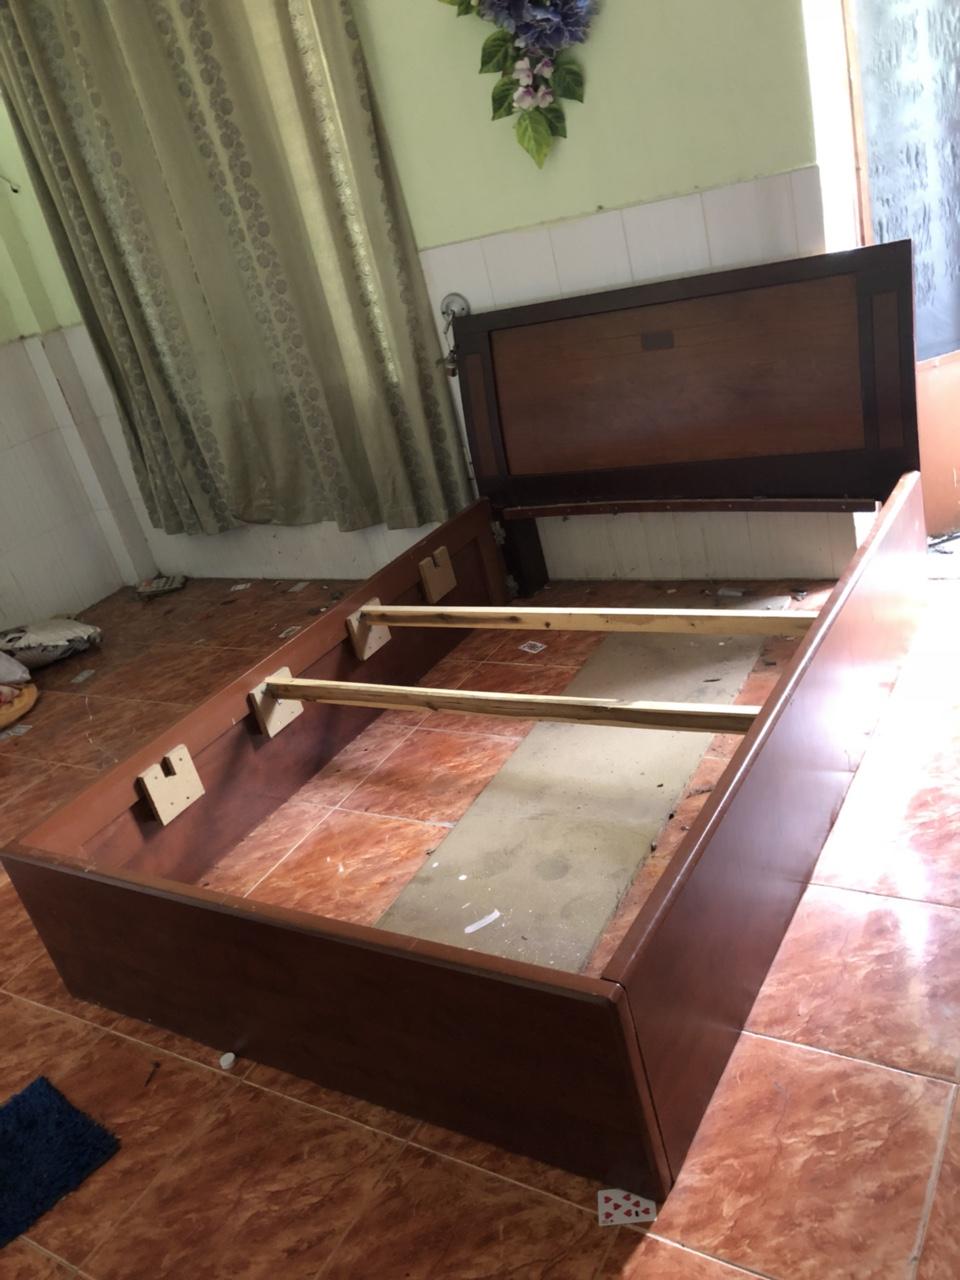 Thanh lý giường cũ 1m4 gỗ cao cấp giá rẻ